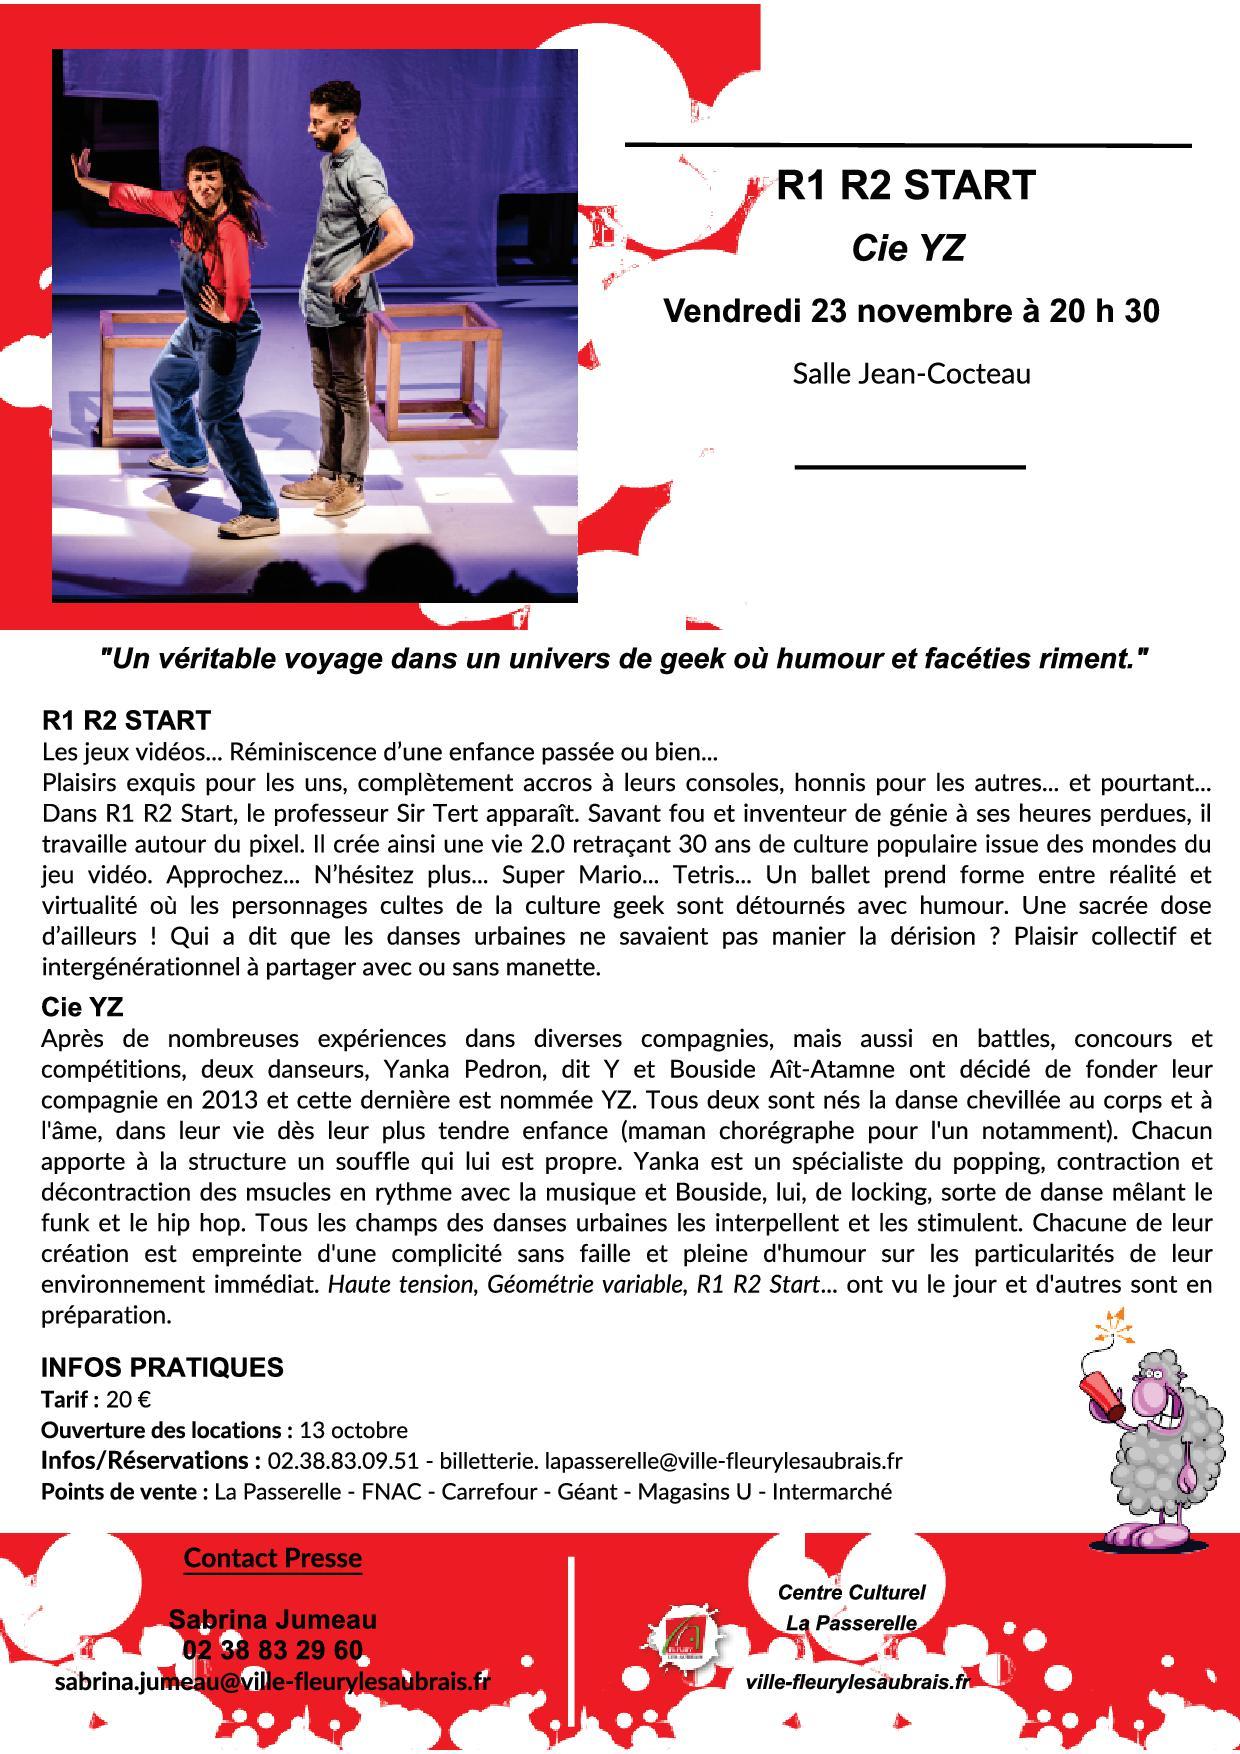 R1 R2 Start + Face A Block Party - 23 novembre.jpg